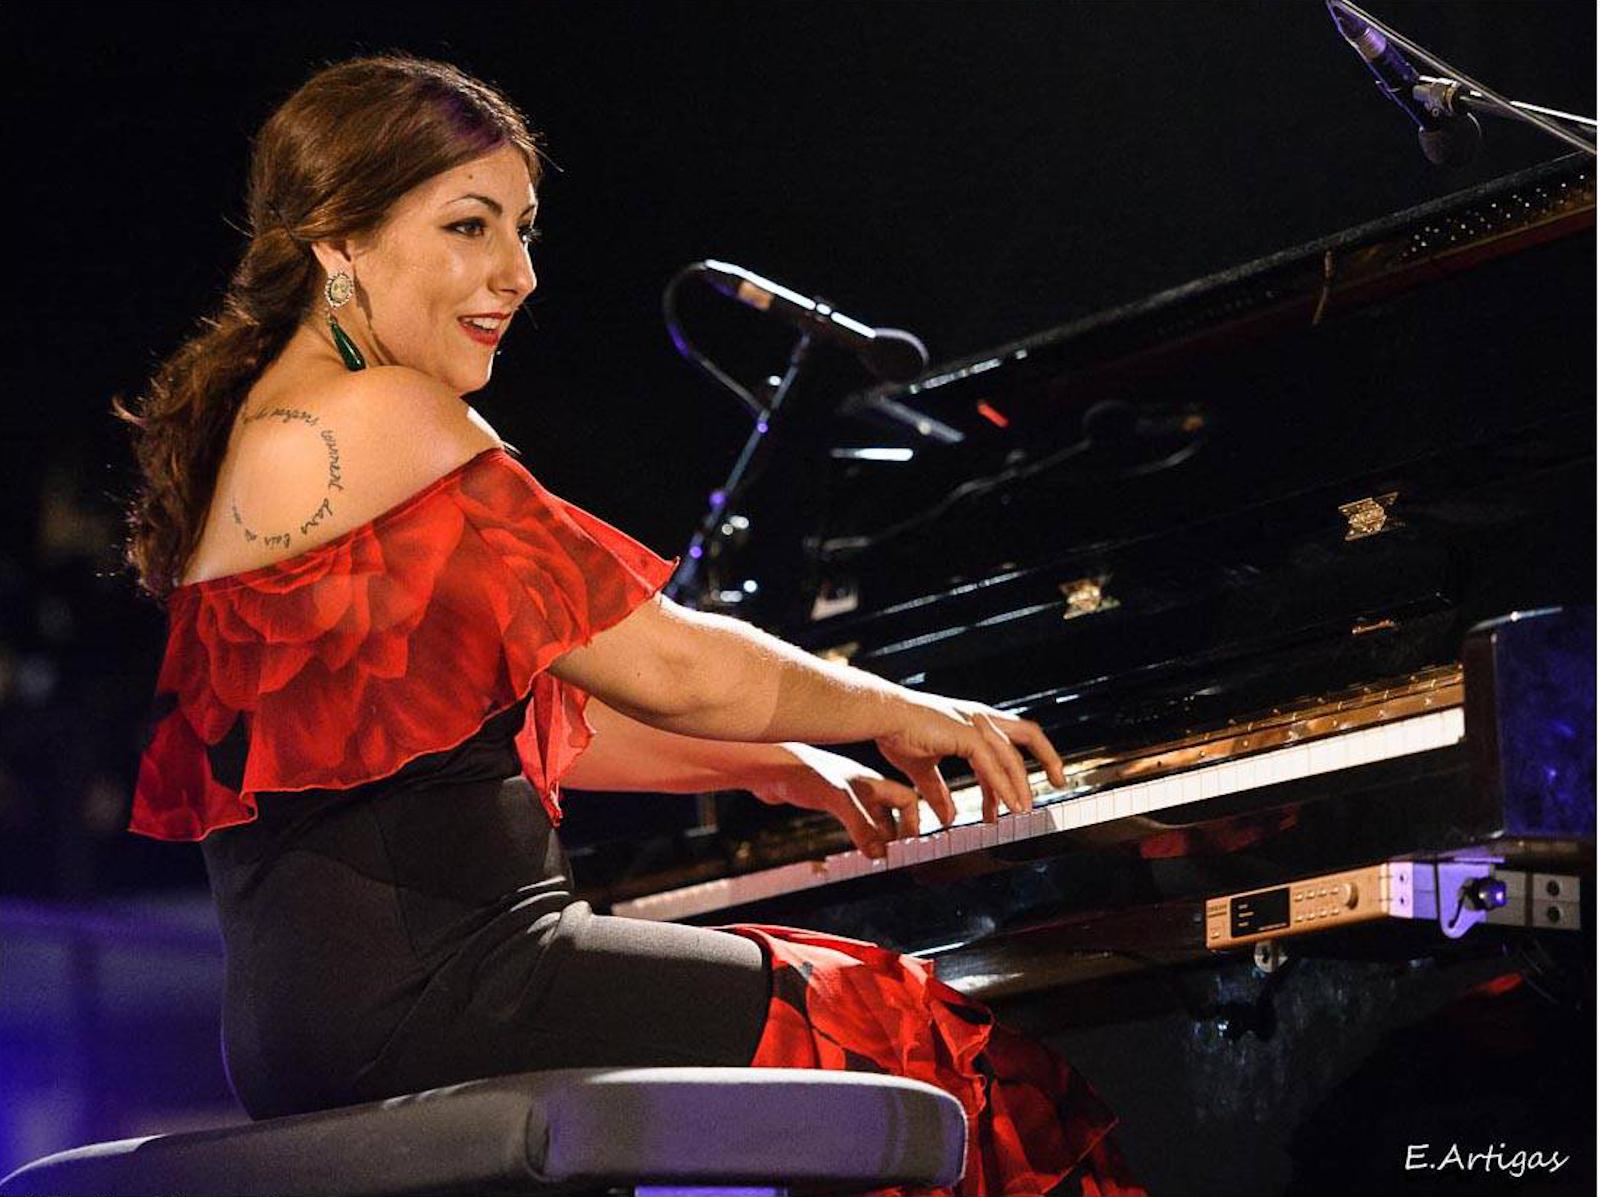 Pianista de flamenco